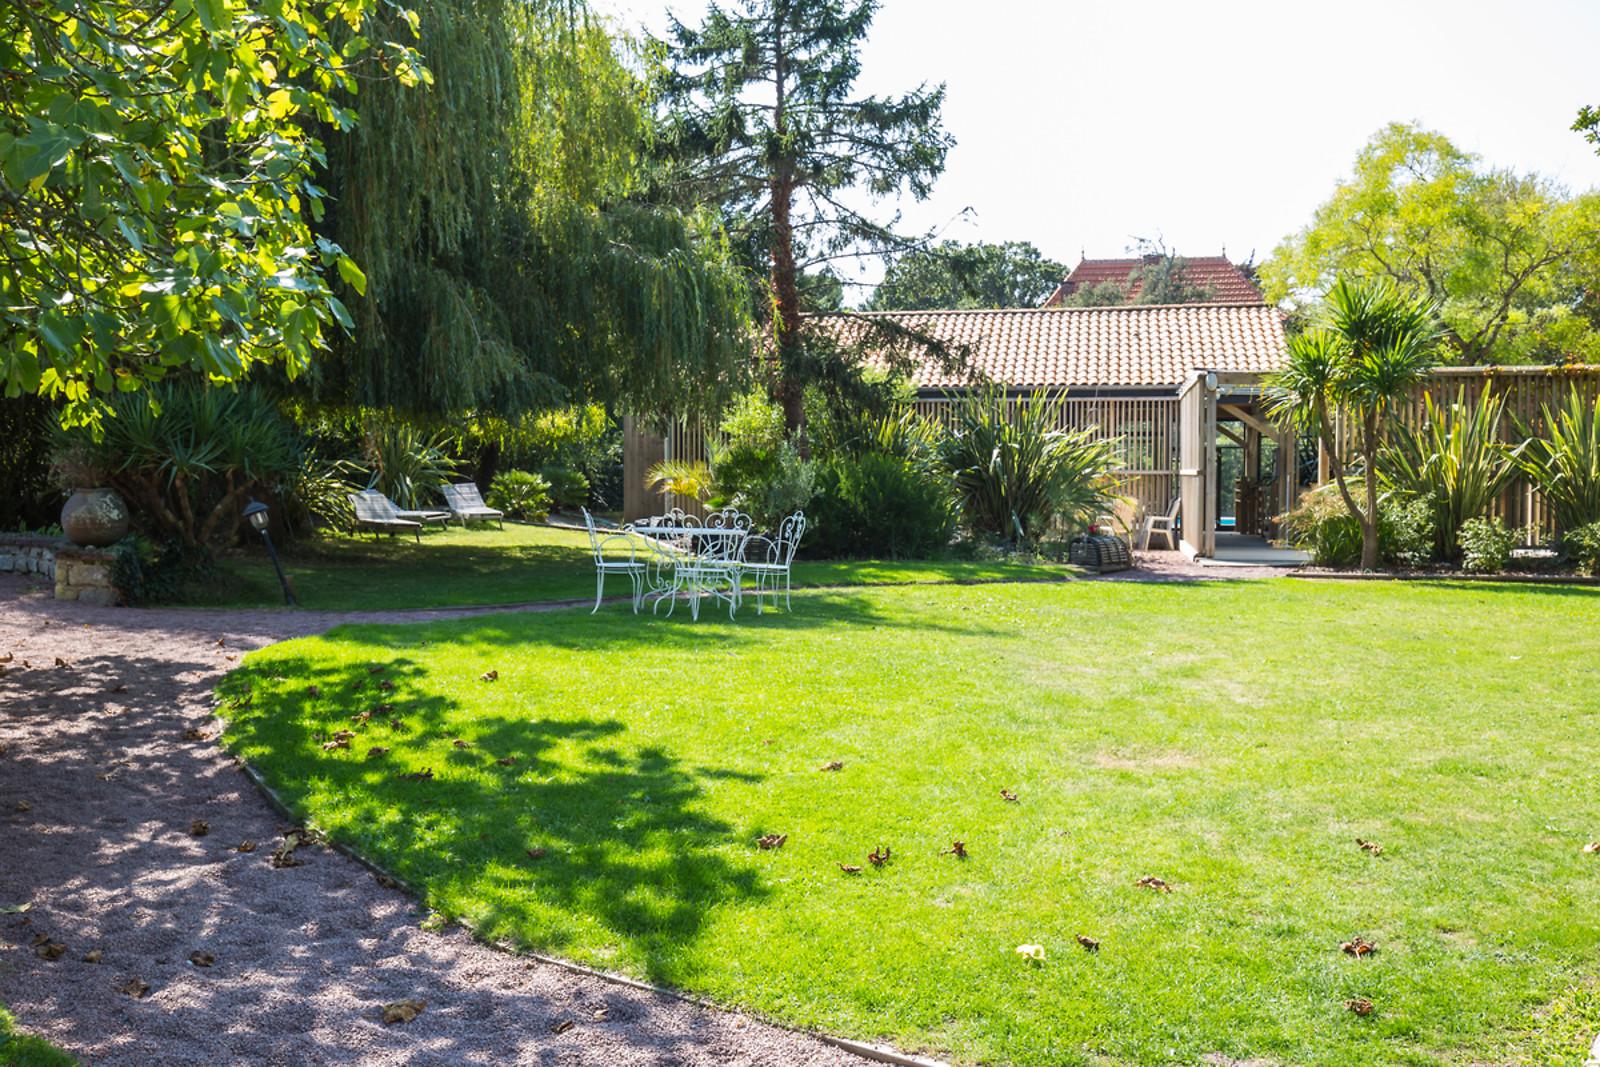 S jour d tente pour 2 l 39 h tel saint paul - Petit jardin hotel san juan saint paul ...